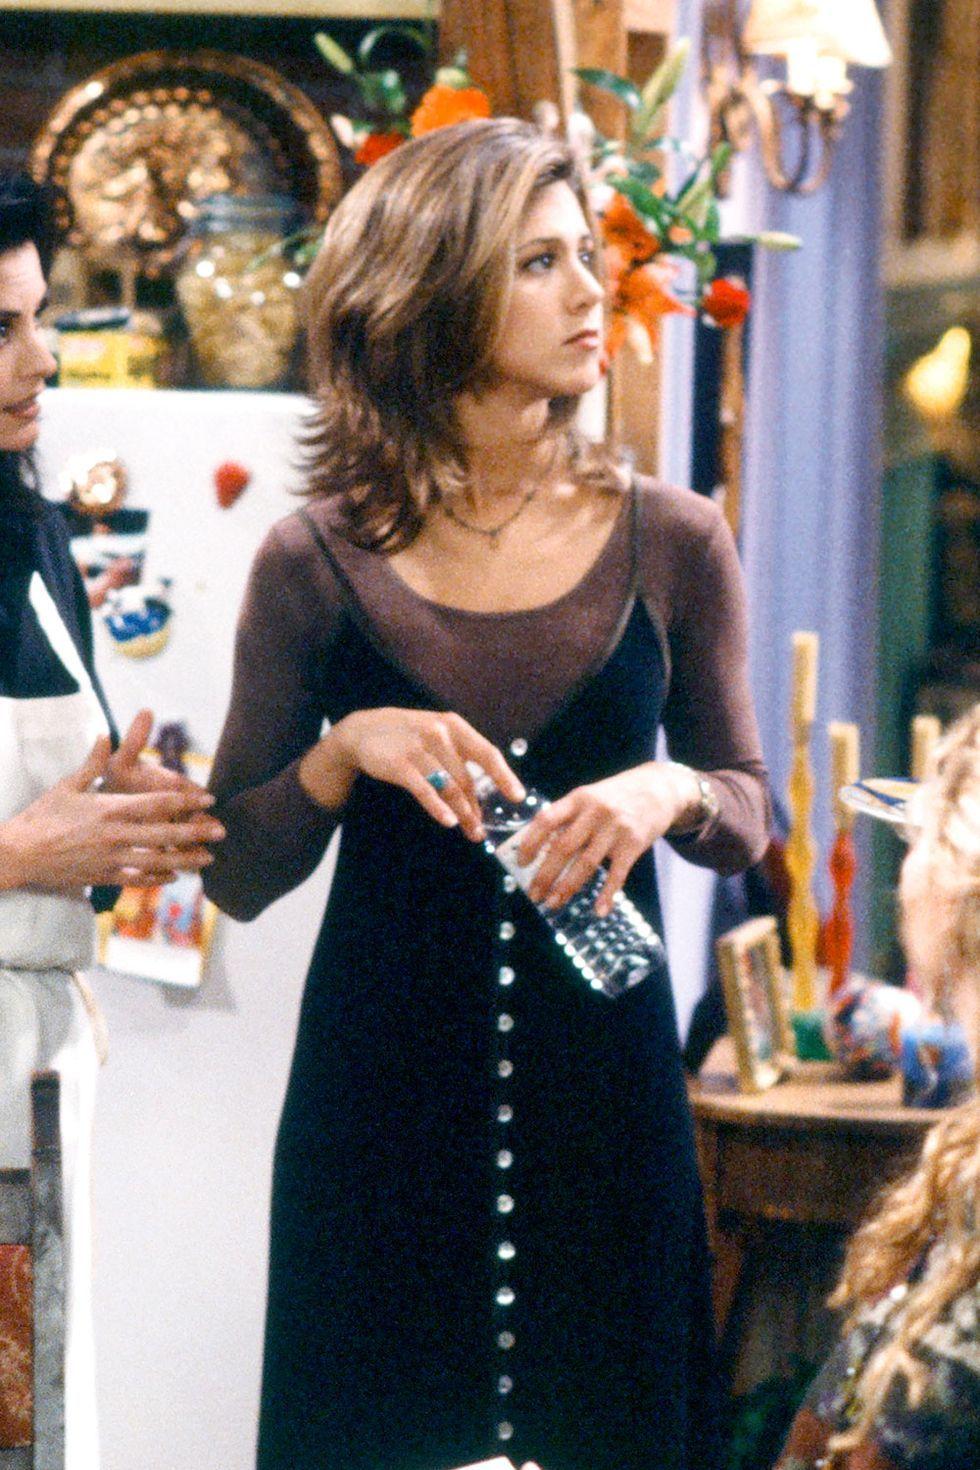 Rachel ubrana w bluzke i czarna sukienke